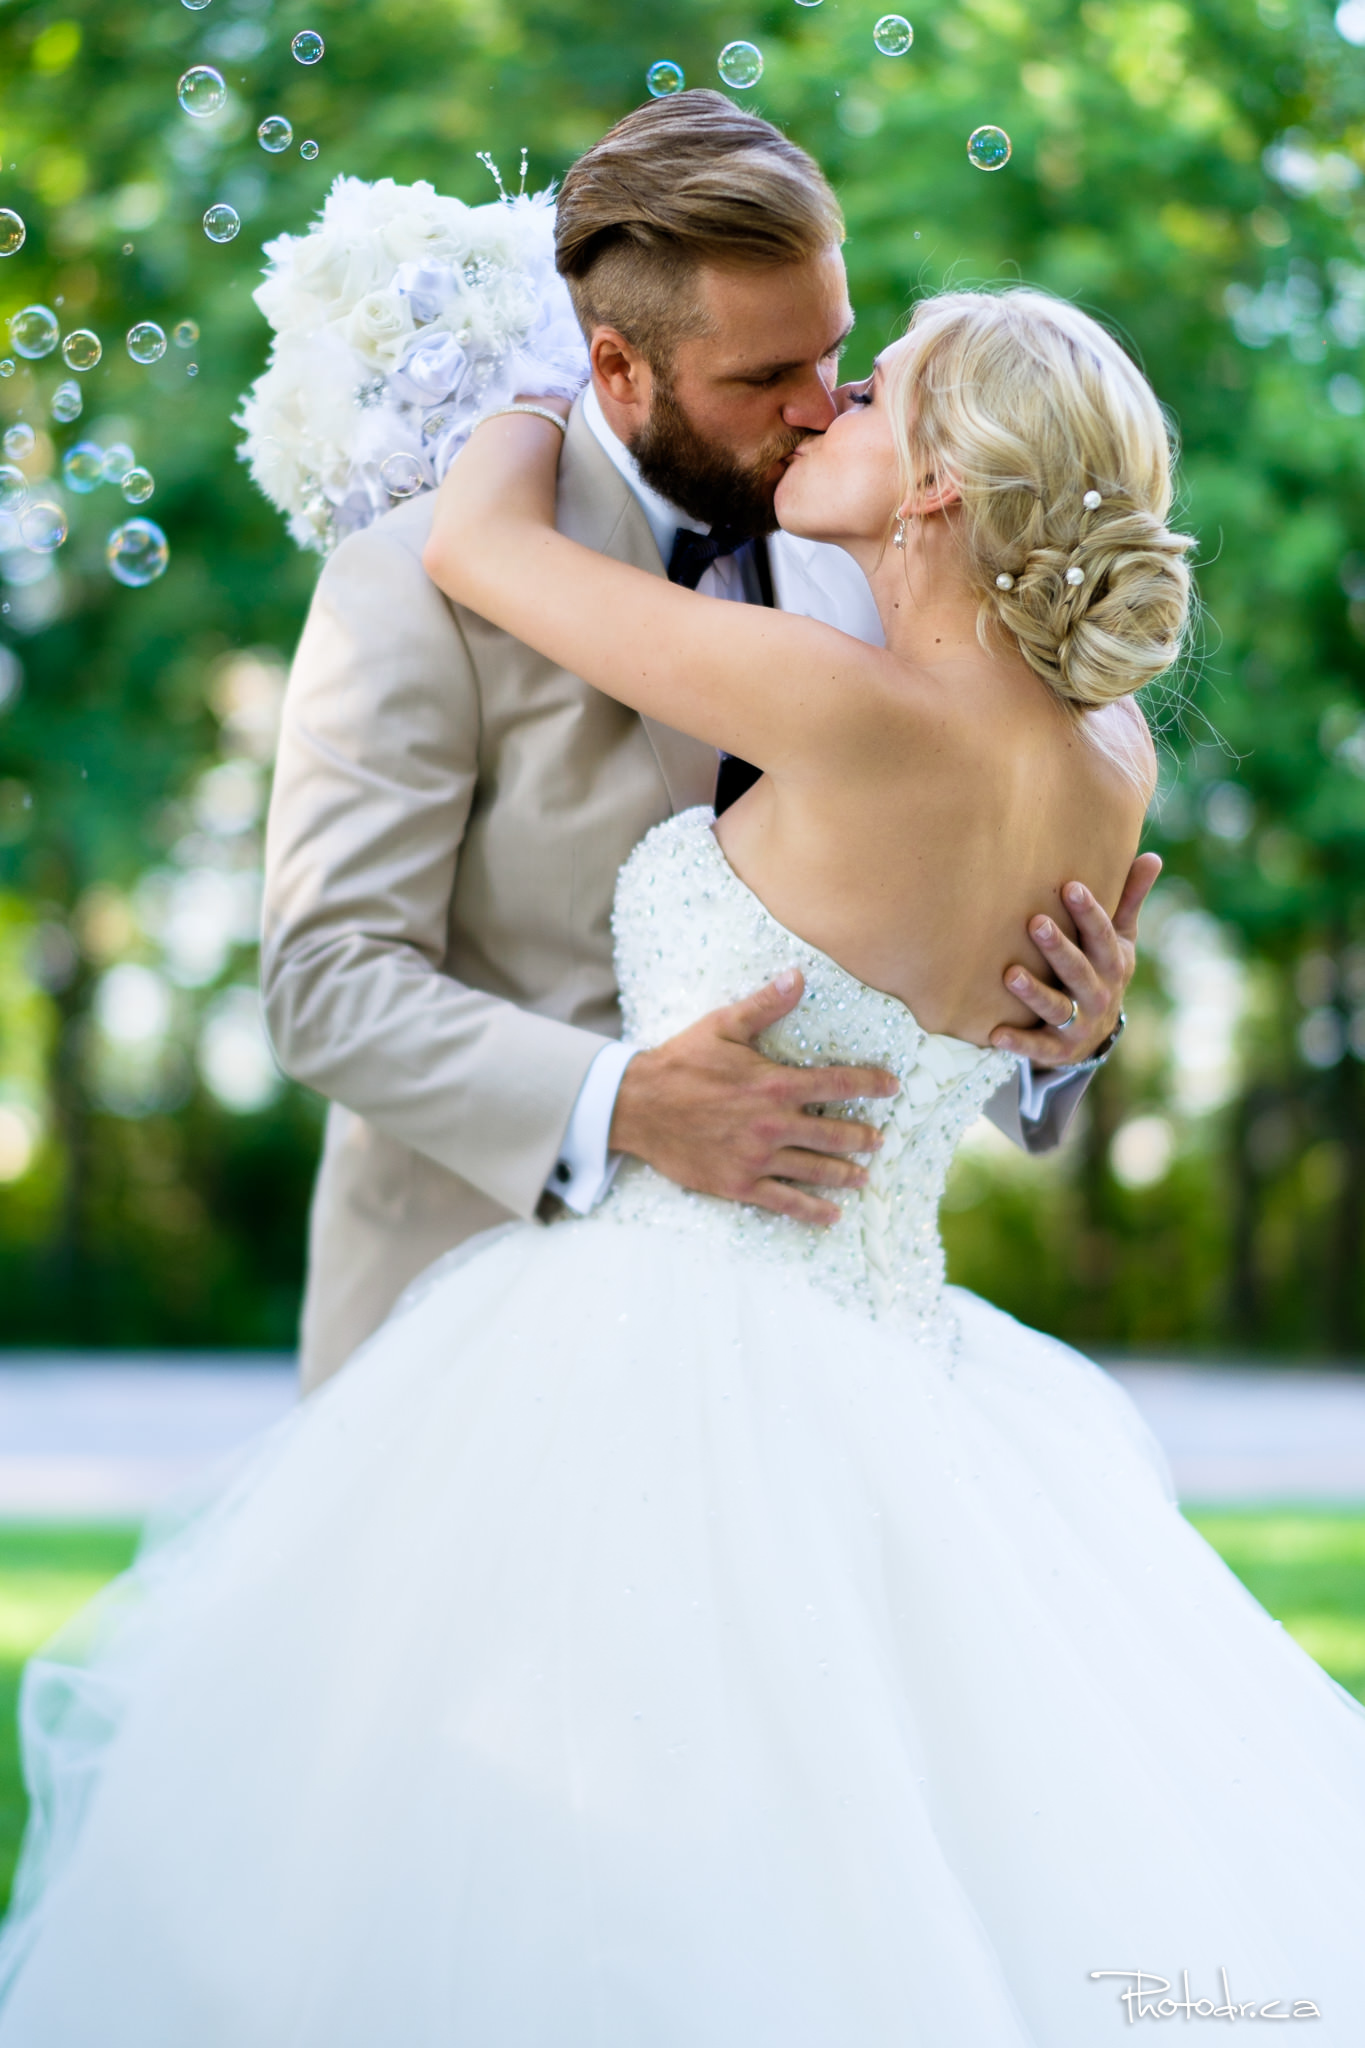 nous liberrin site connaissance pour mariage